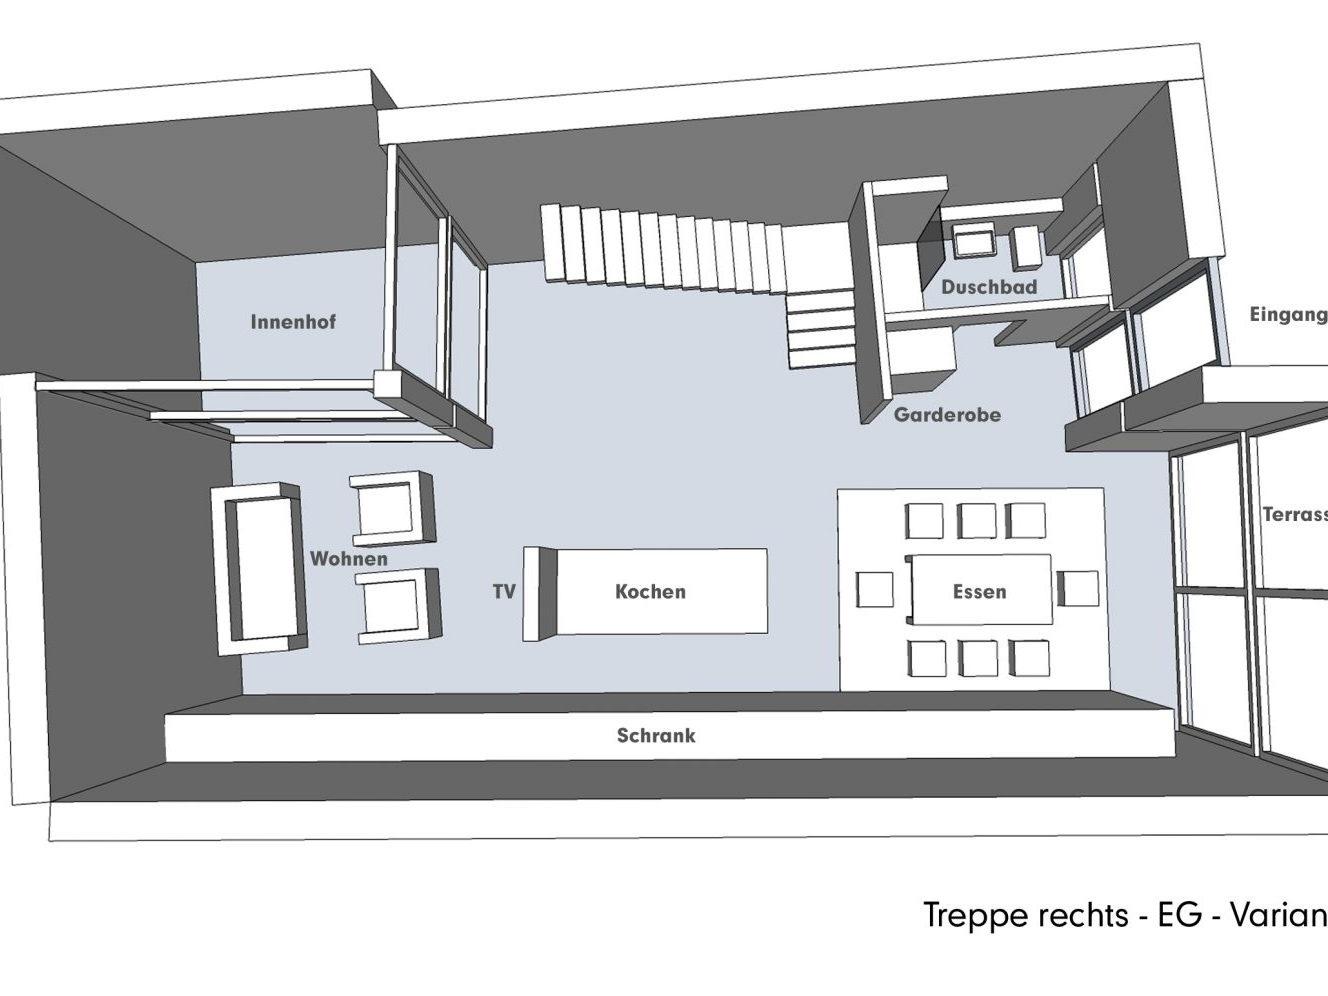 Nutzungskonzepte für Neubau - Treppe rechts - EG - Variante A